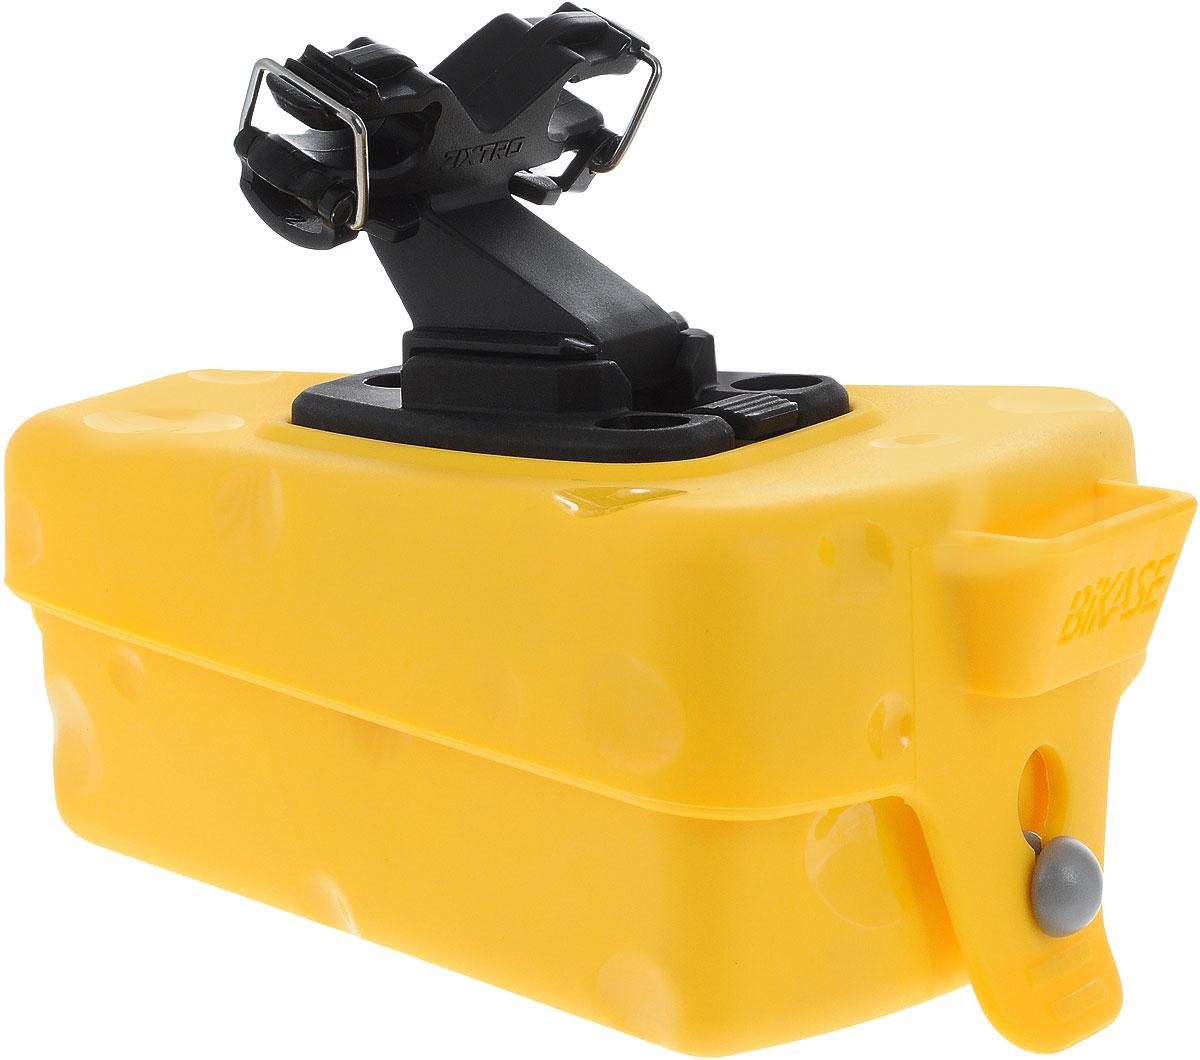 Сумка подседельная BiKase Cheese Wedge, 13 х 9 х 5,5 смAG001Подседельная сумка для велосипеда BiKase Cheese Wedge выполнена из высококачественного полиуретана и имеет форму куска сыра. Закрывается на фиксатор. Изделие легко и быстро устанавливается под седло. Сумка имеет 1 отделение, внутри которого расположен текстильный кармашек.